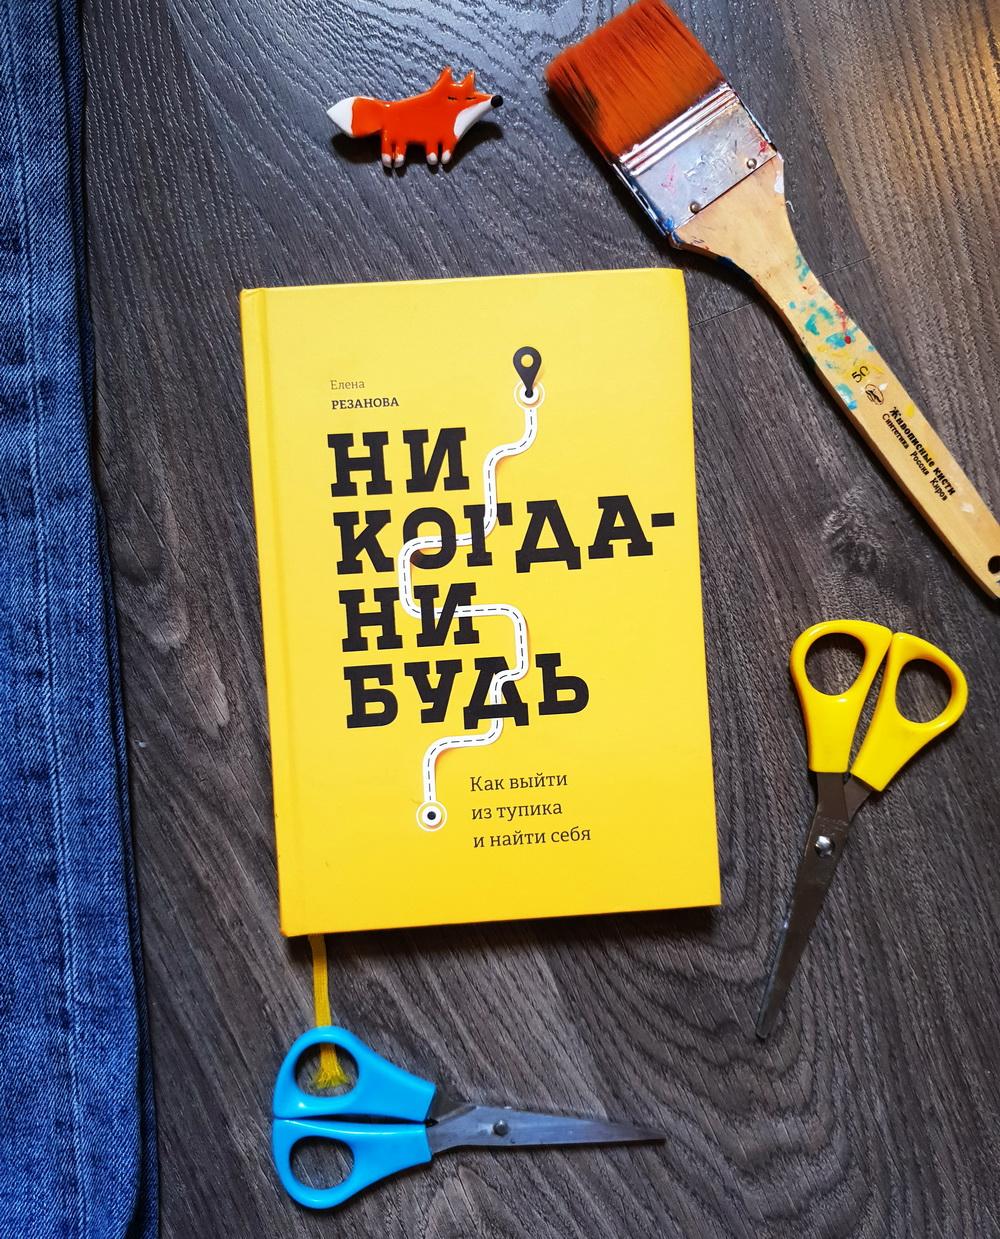 Рецензия на книгу Елены Резановой - Никогда-нибудь - leffka.ru